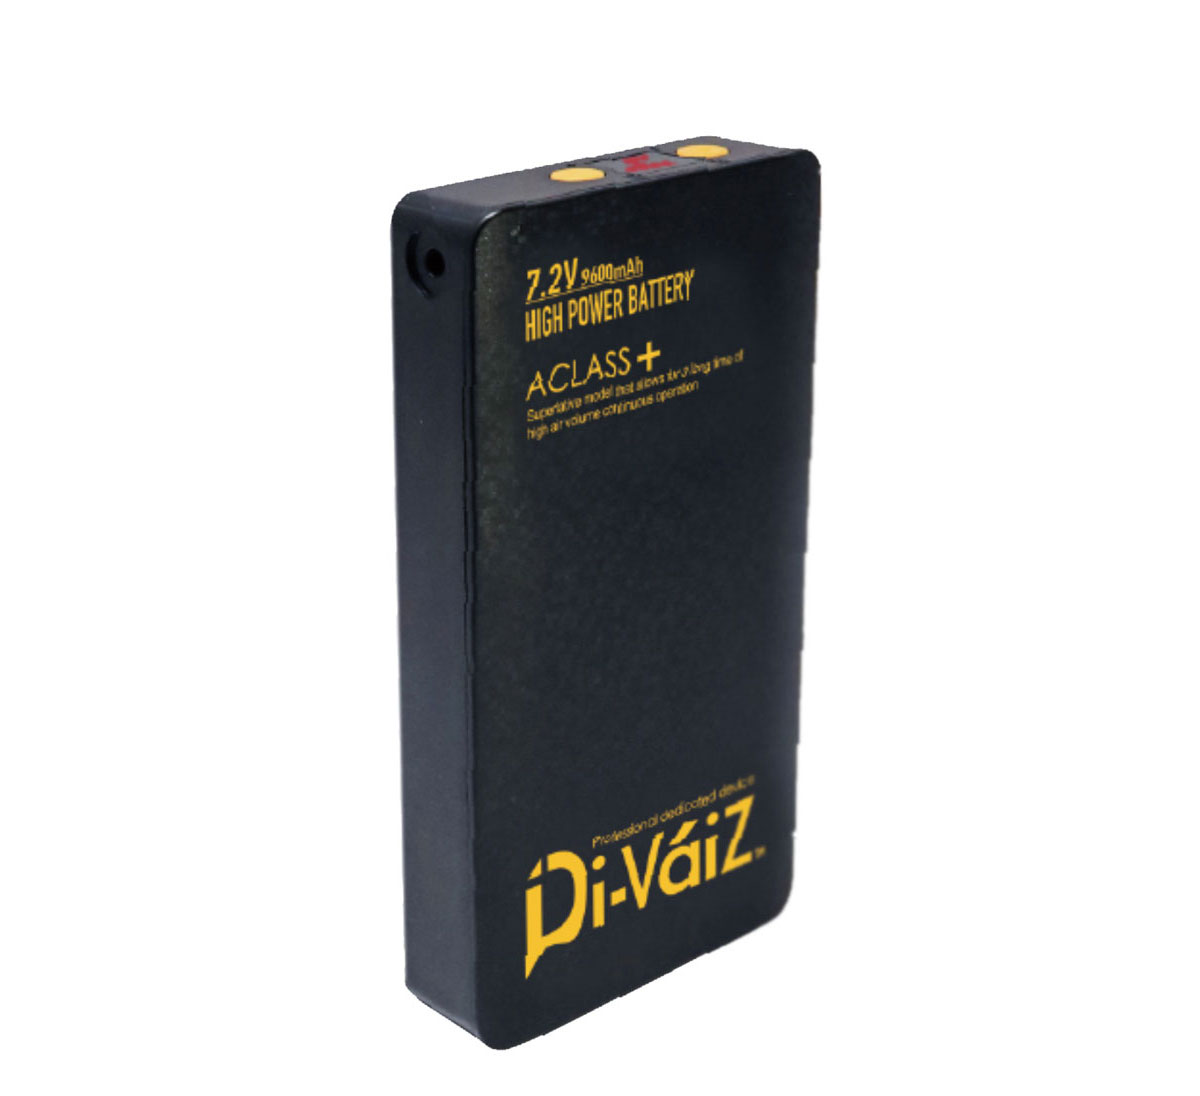 2021年度版 中国産業 株 DiVaiZ バッテリーセットのみ ハイパワー 9927 空調服 別売り バッテリー 2020新作 爆買い新作 空調服別 CHUSAN